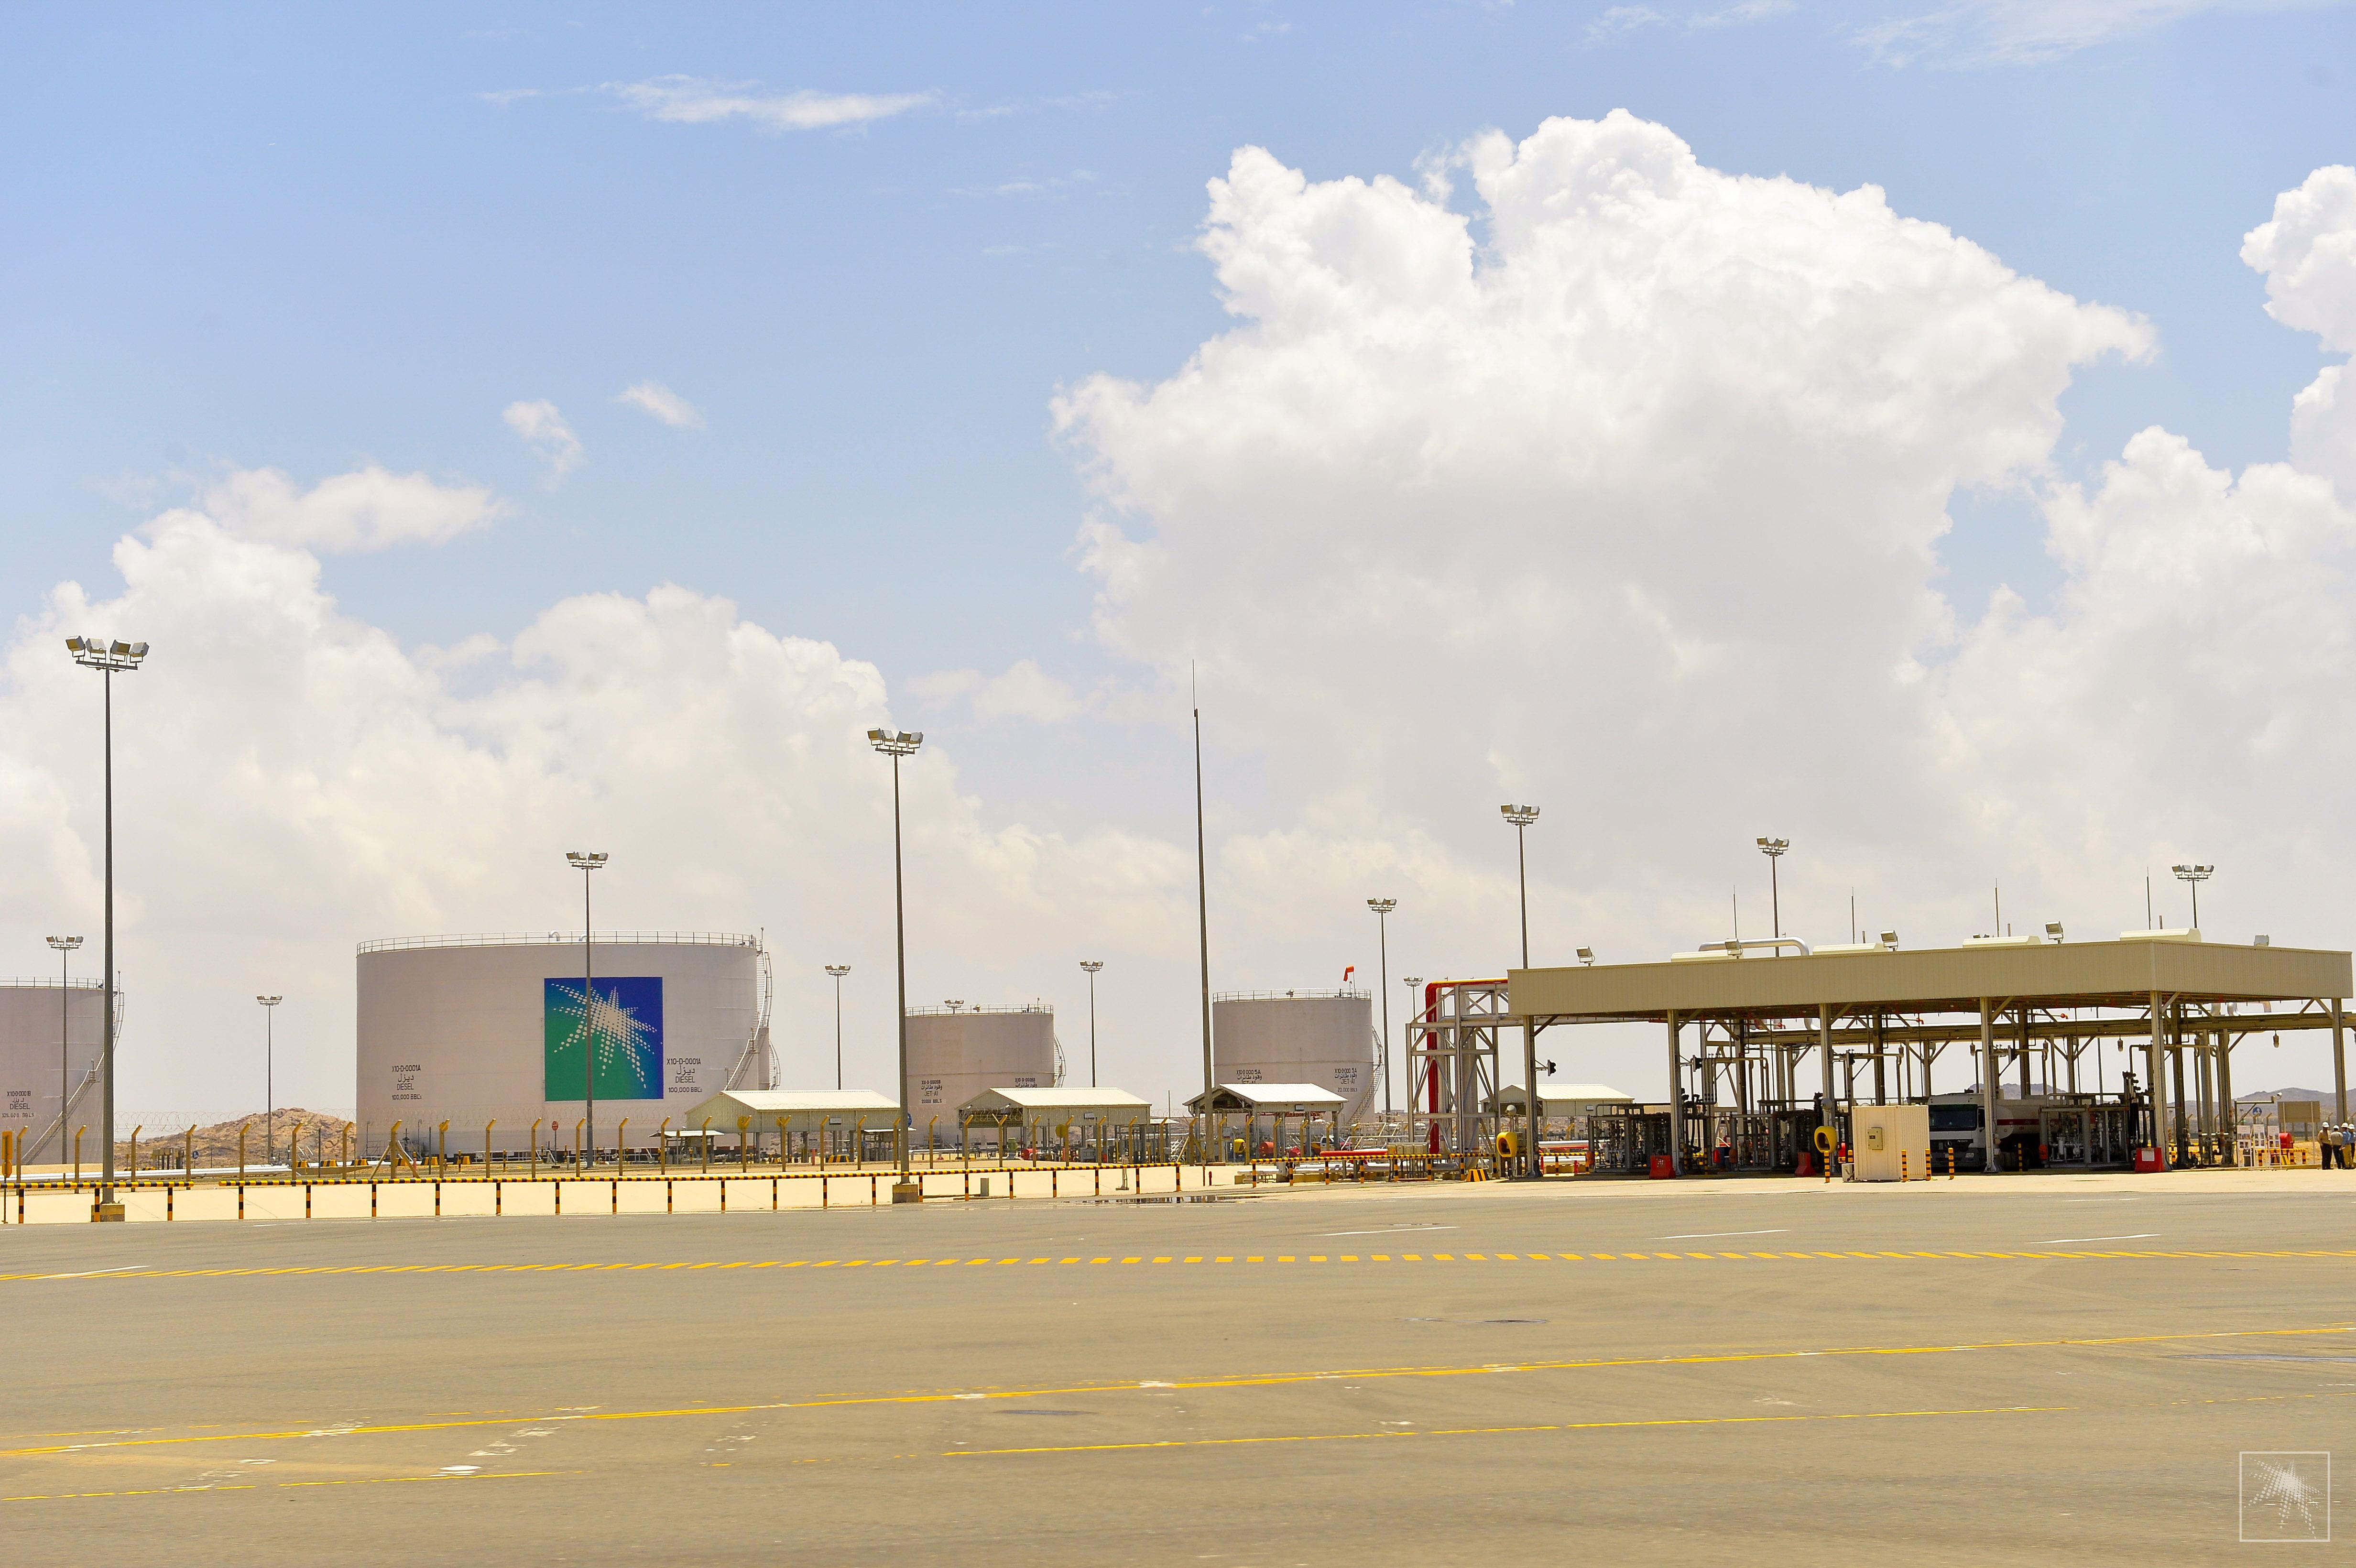 Saudi Aramco To Invest $16 Billion In SMEs